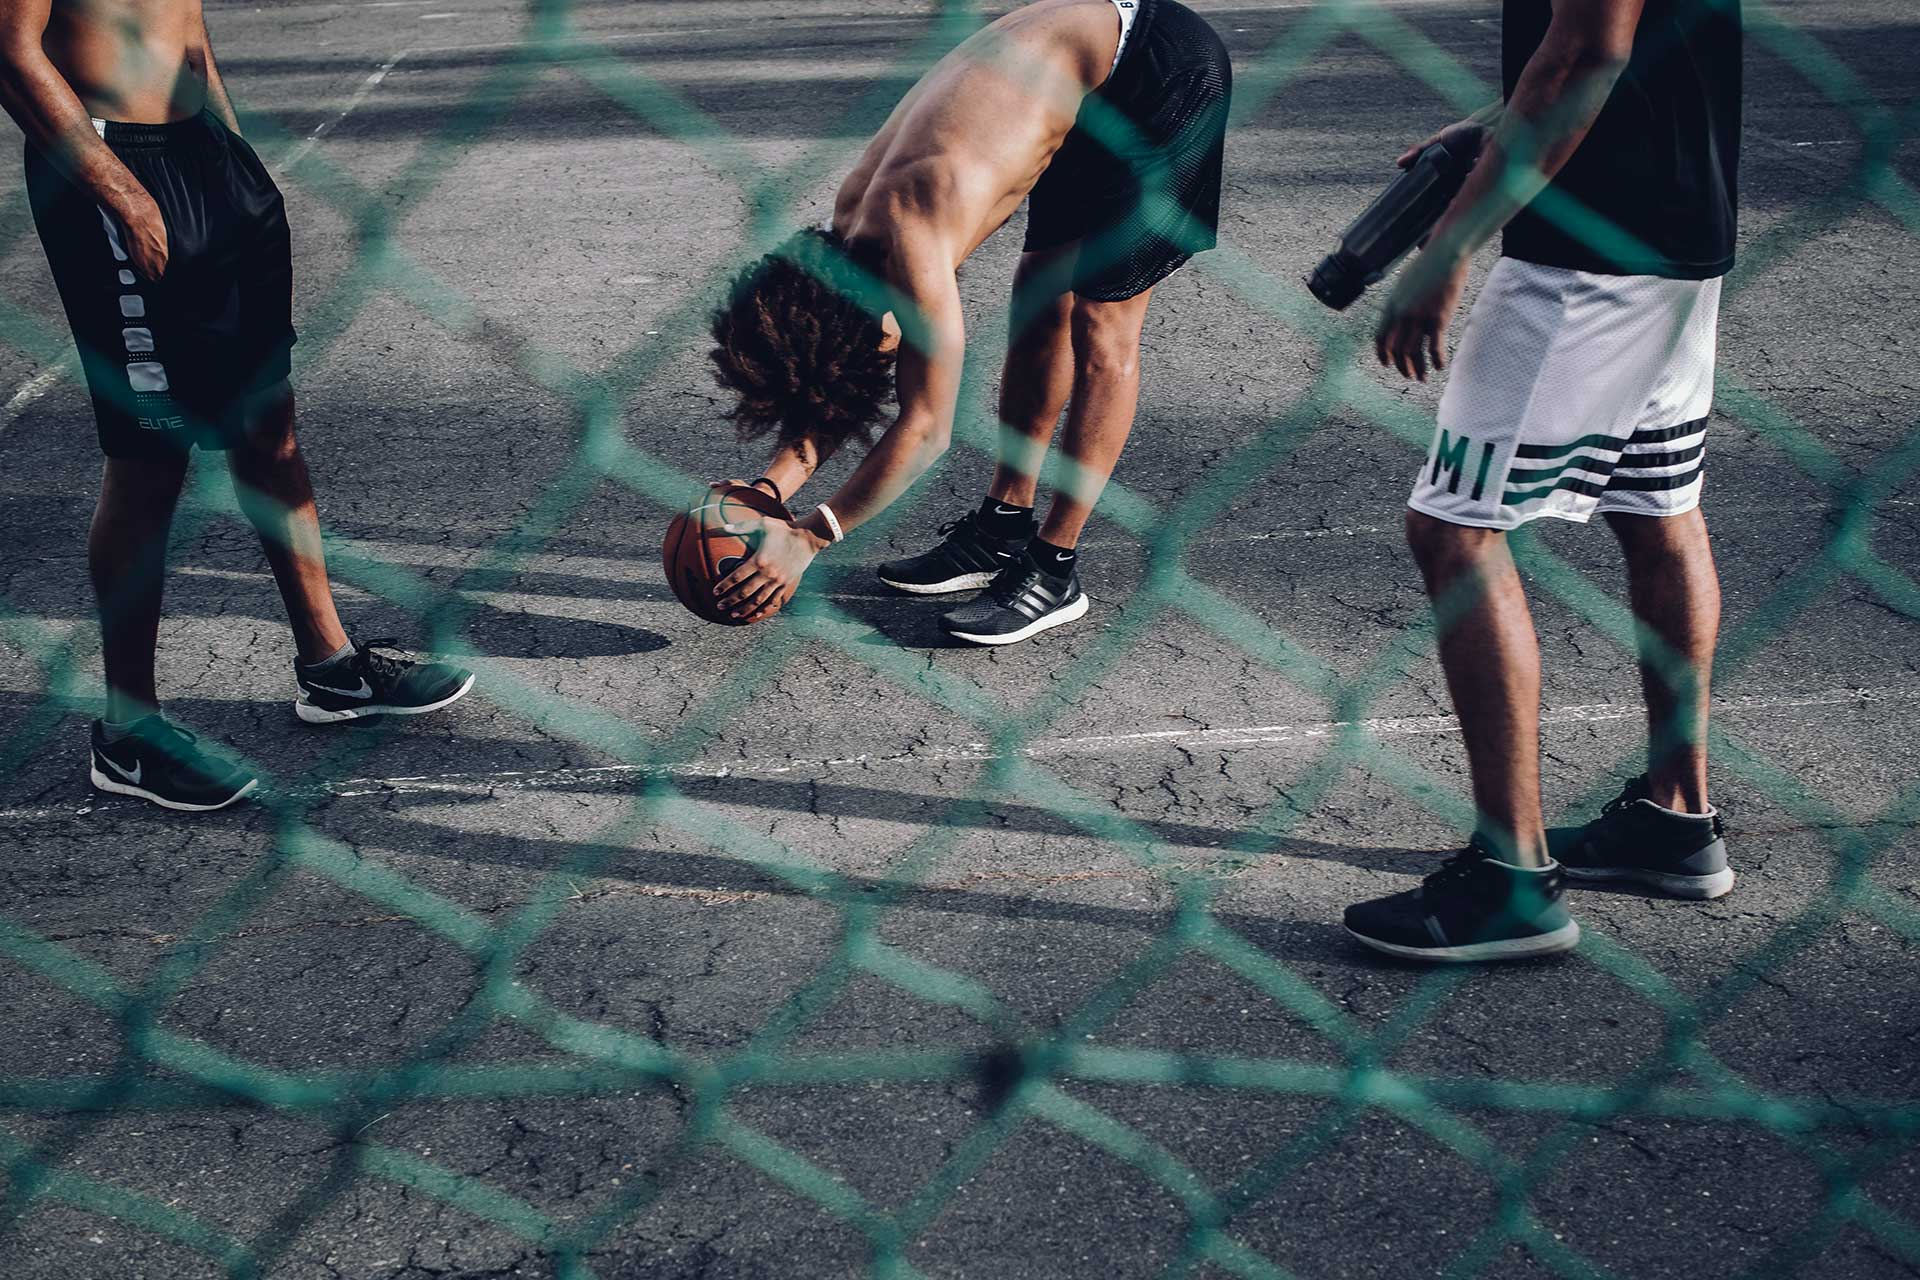 Sport Fotograf Südafrika Michael Müller Basketball